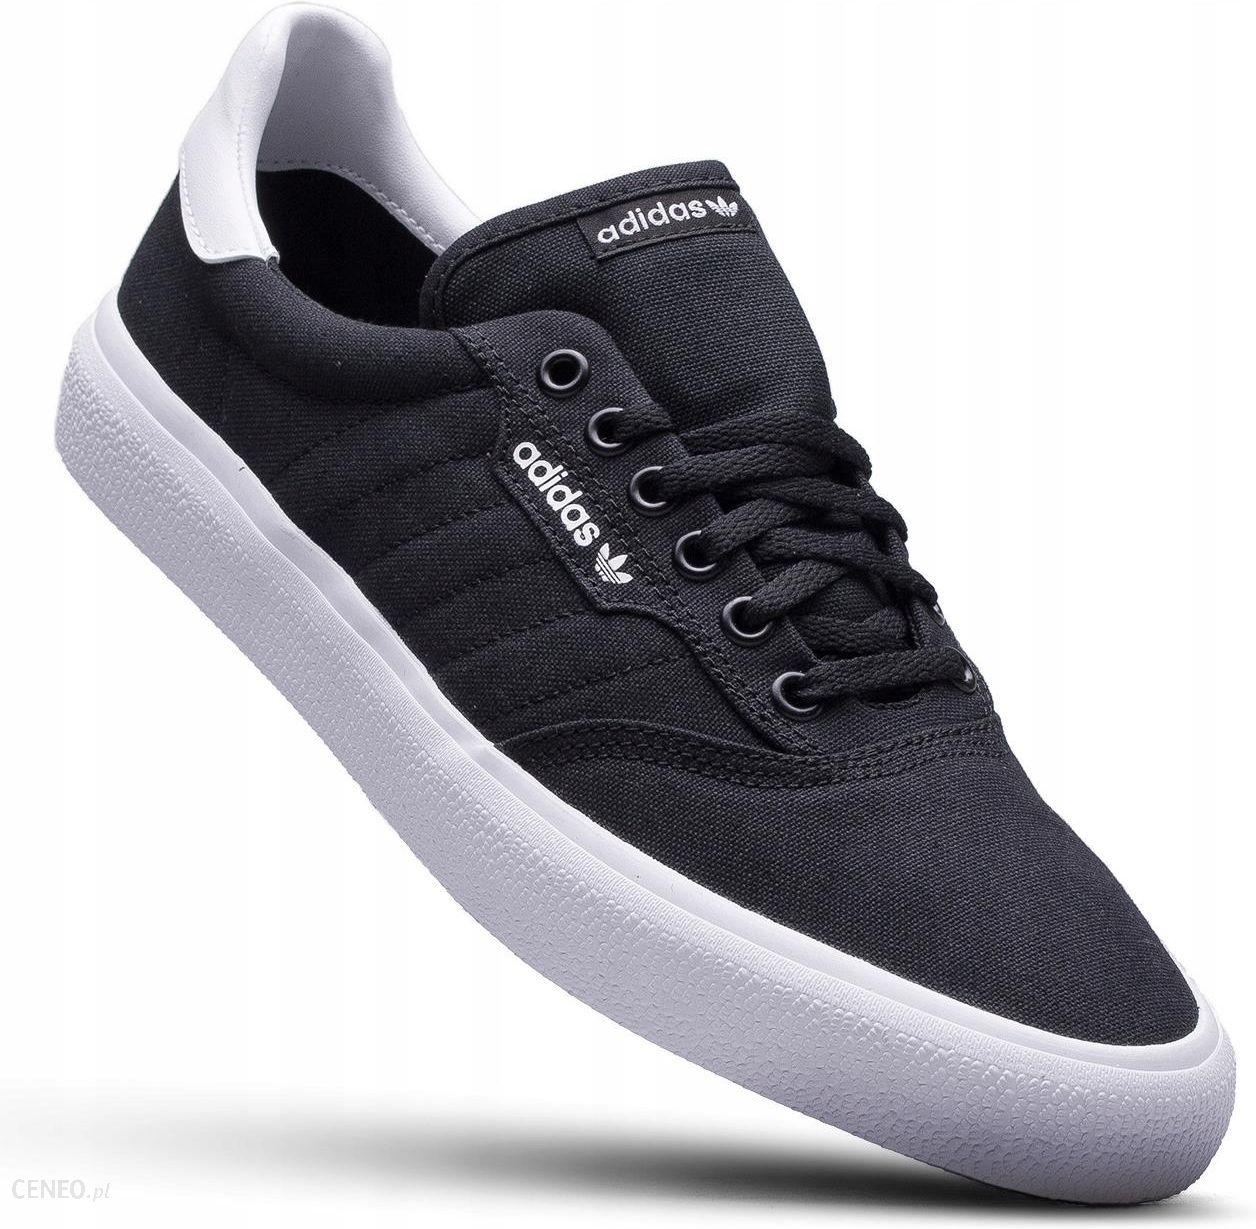 Buty adidas I 5923 BD7812 FtwwhtFtwwhtFtwwht